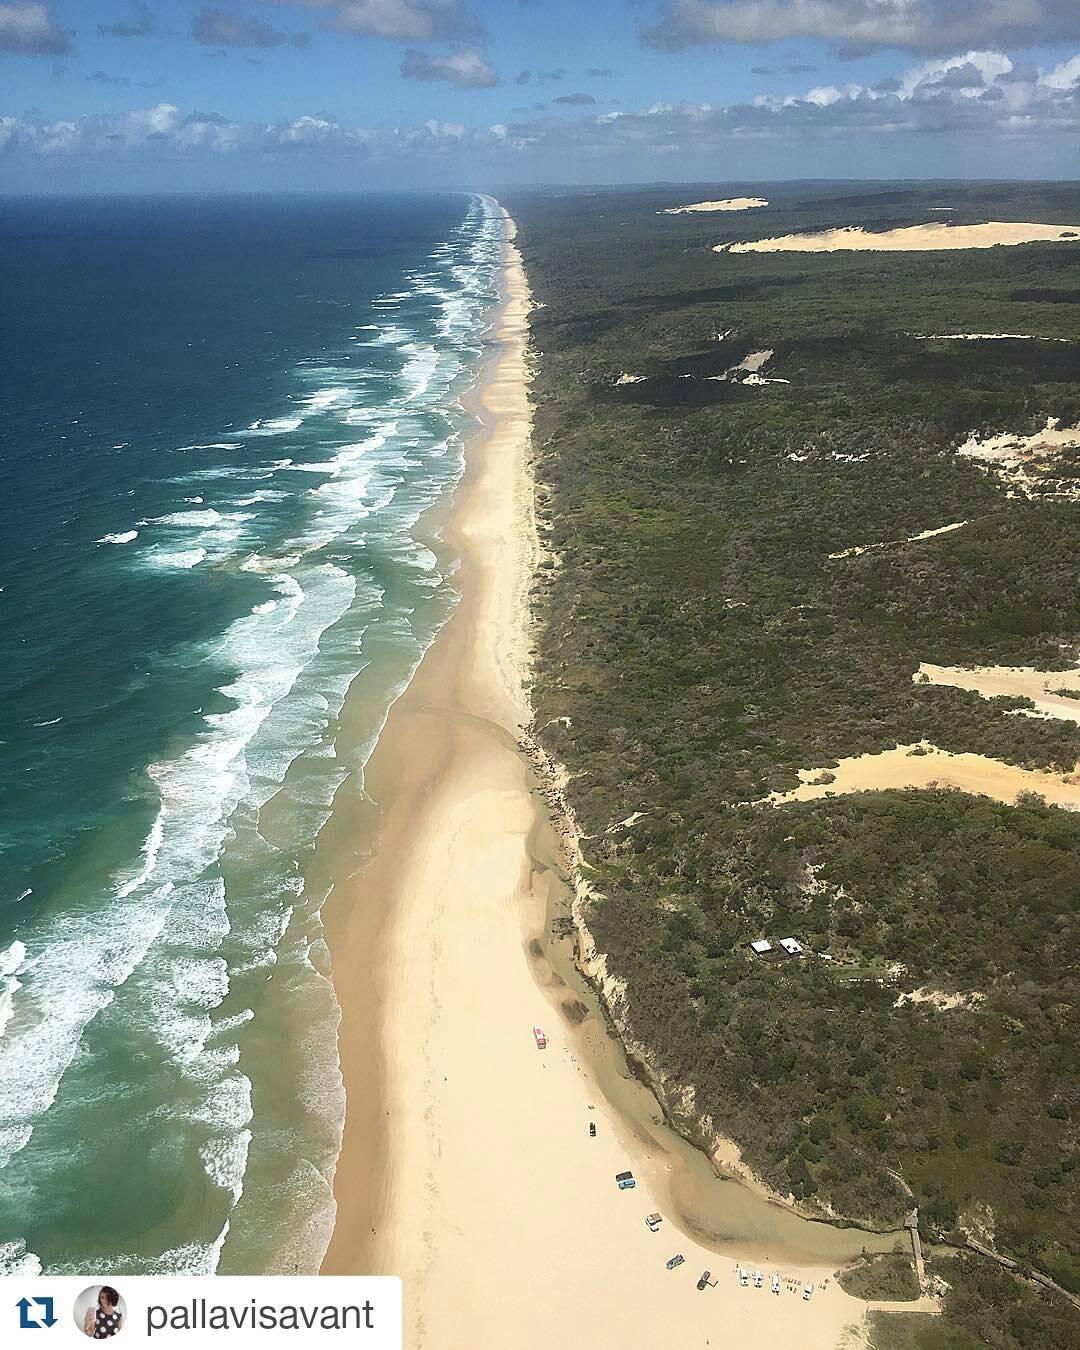 #makeheritagefun at Fraser Island